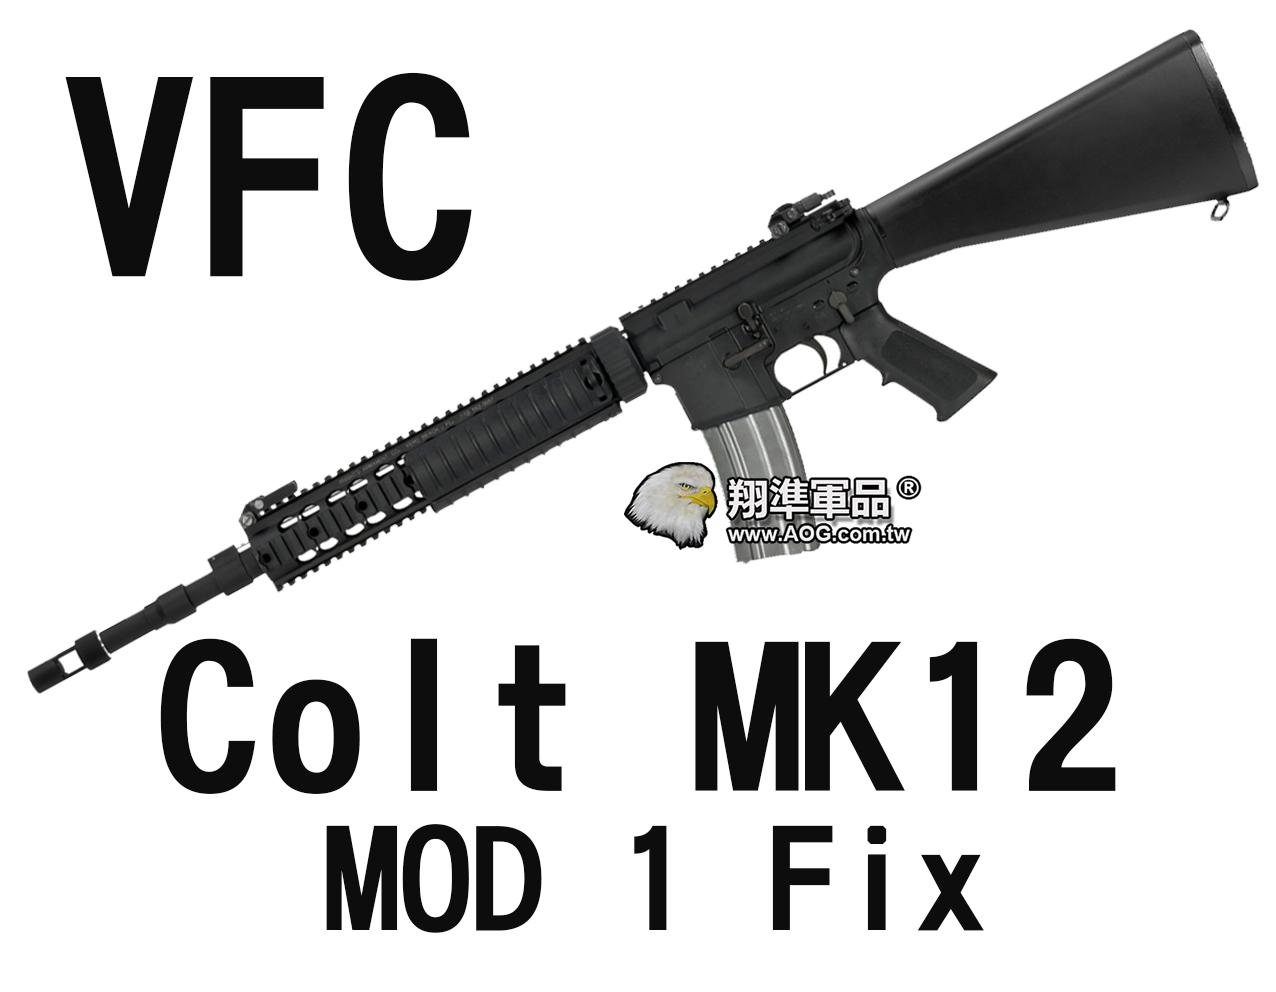 【翔準軍品AOG】【VFC】Colt MK12 MOD1 Fix 固定托 魚骨版 電動槍 狙擊槍 黑色 VF1-LMK12M1-BK02